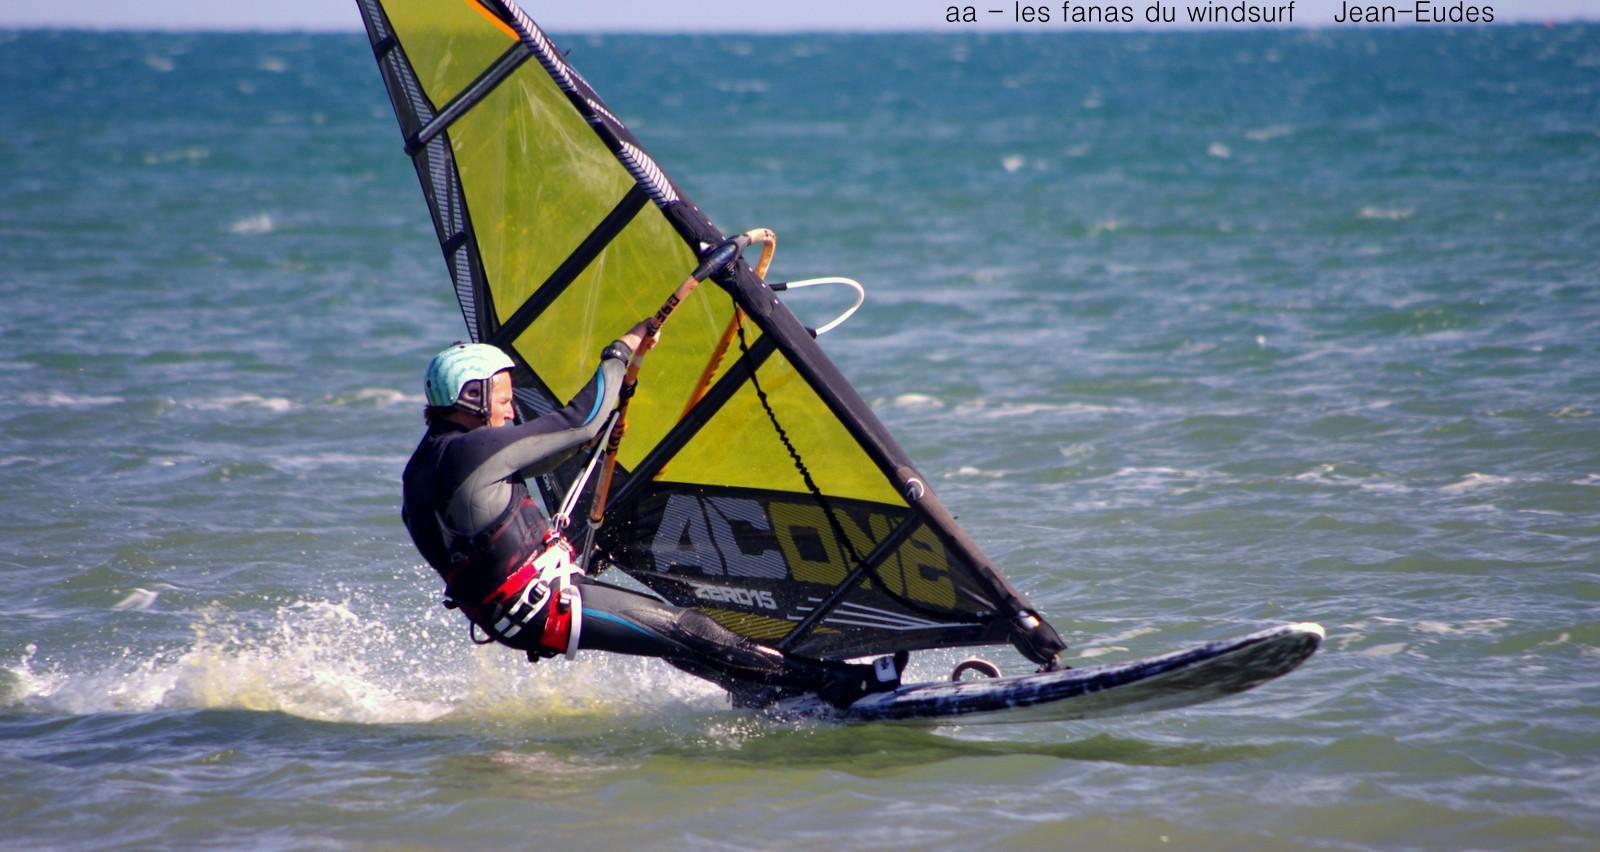 Surf report port la nouvelle 11 du 2015 10 15 12 00 00 - Meteo port la nouvelle ...